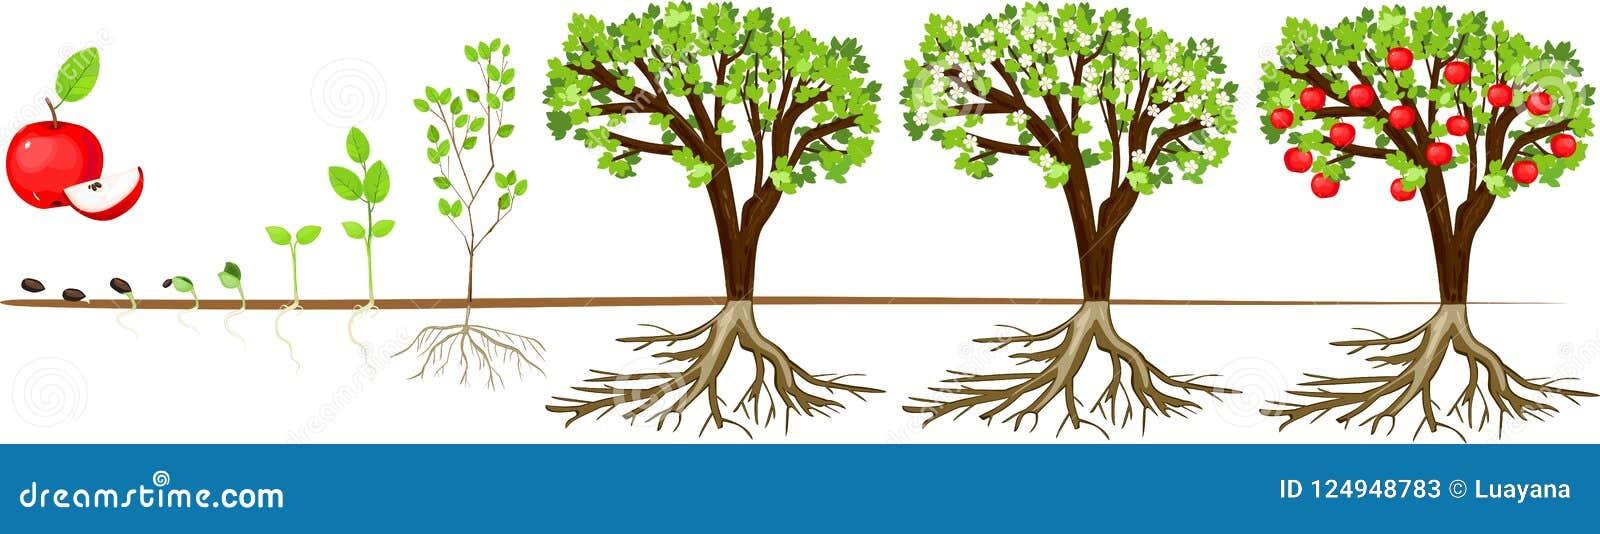 Het levenscyclus van appelboom Stadia van de groei van zaad aan volwassen installatie met vruchten